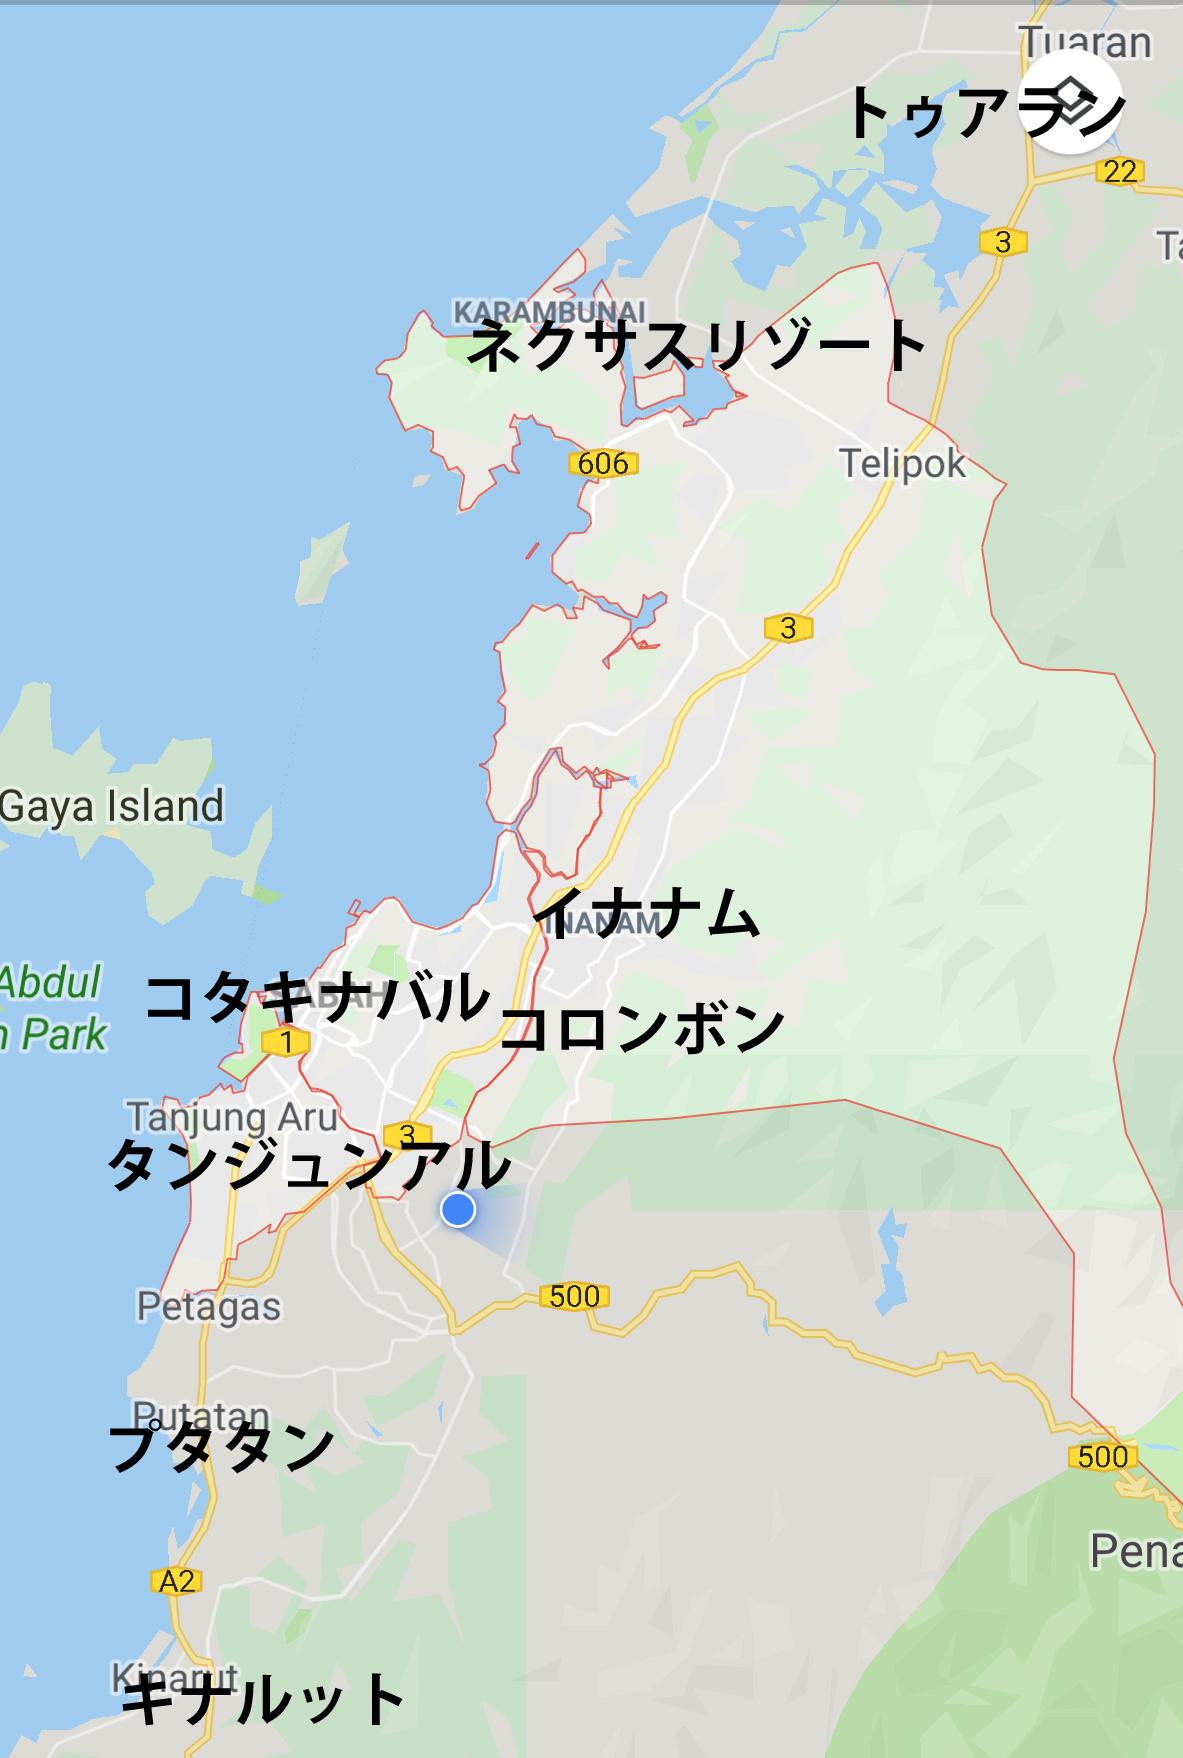 コタキナバル旅行計画。どのエレアに泊まる?_a0132757_06434894.jpg